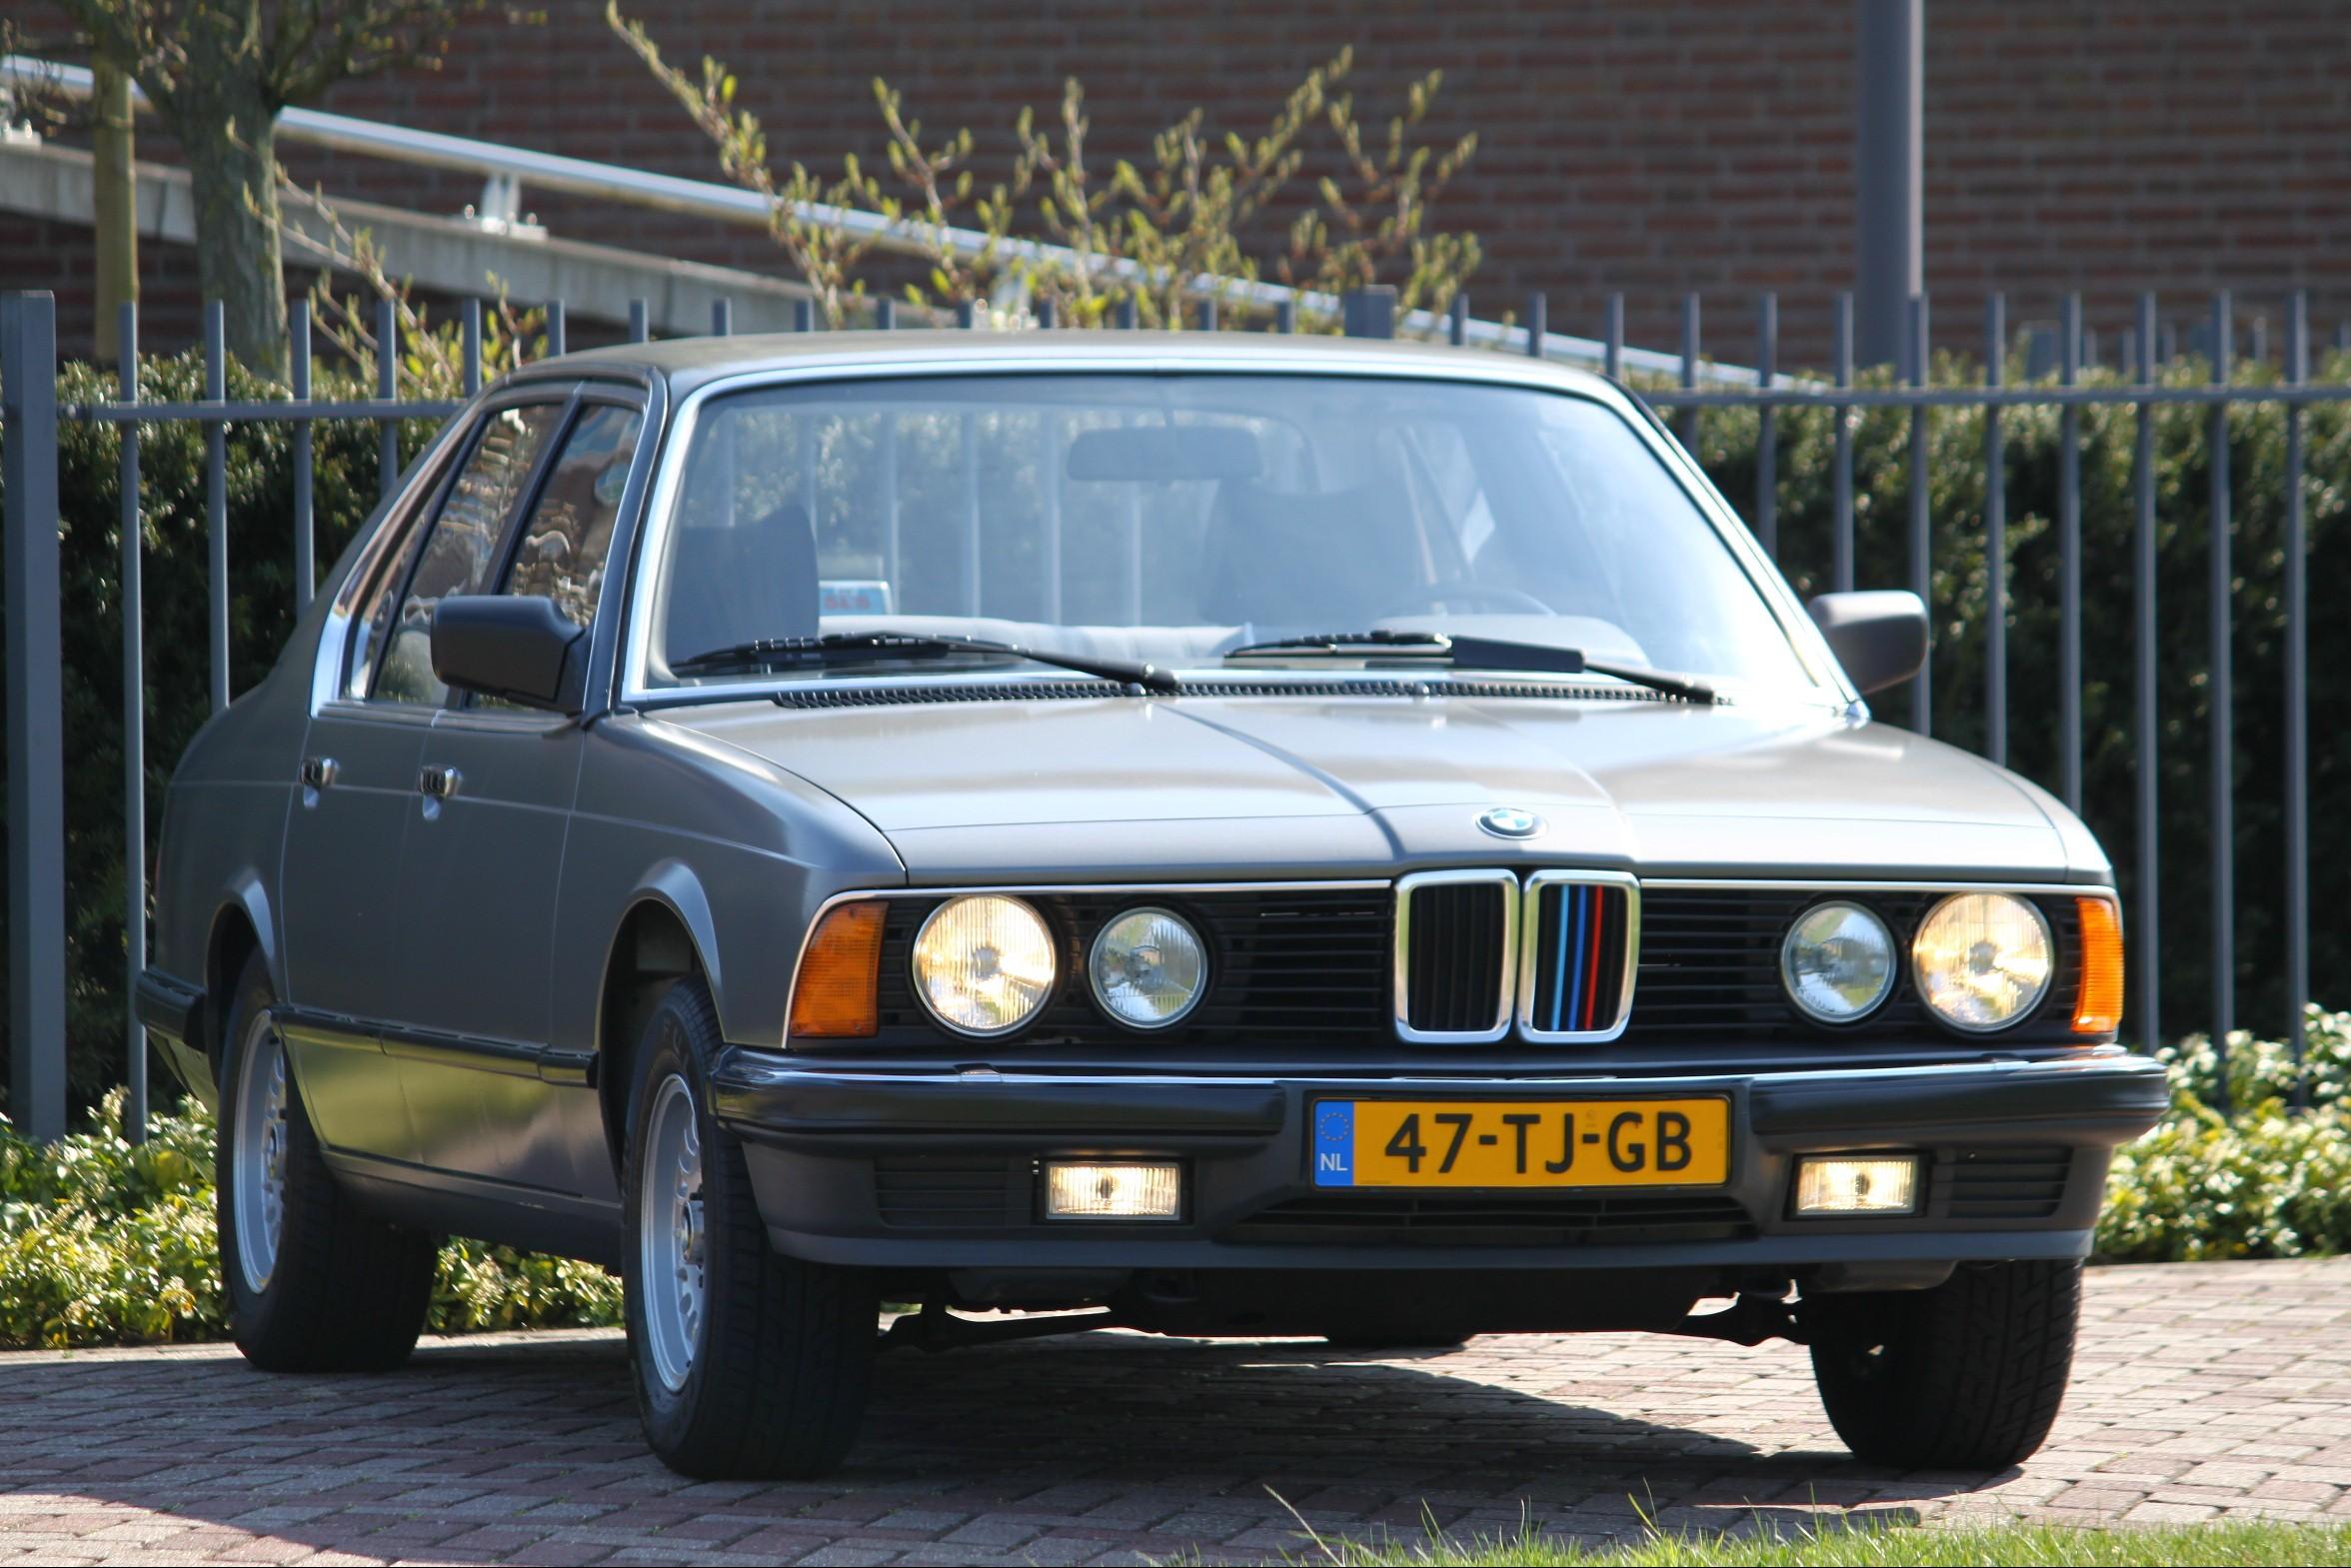 BMW 728i met slechts 43dkm gereden! In absolute Nieuwstaat